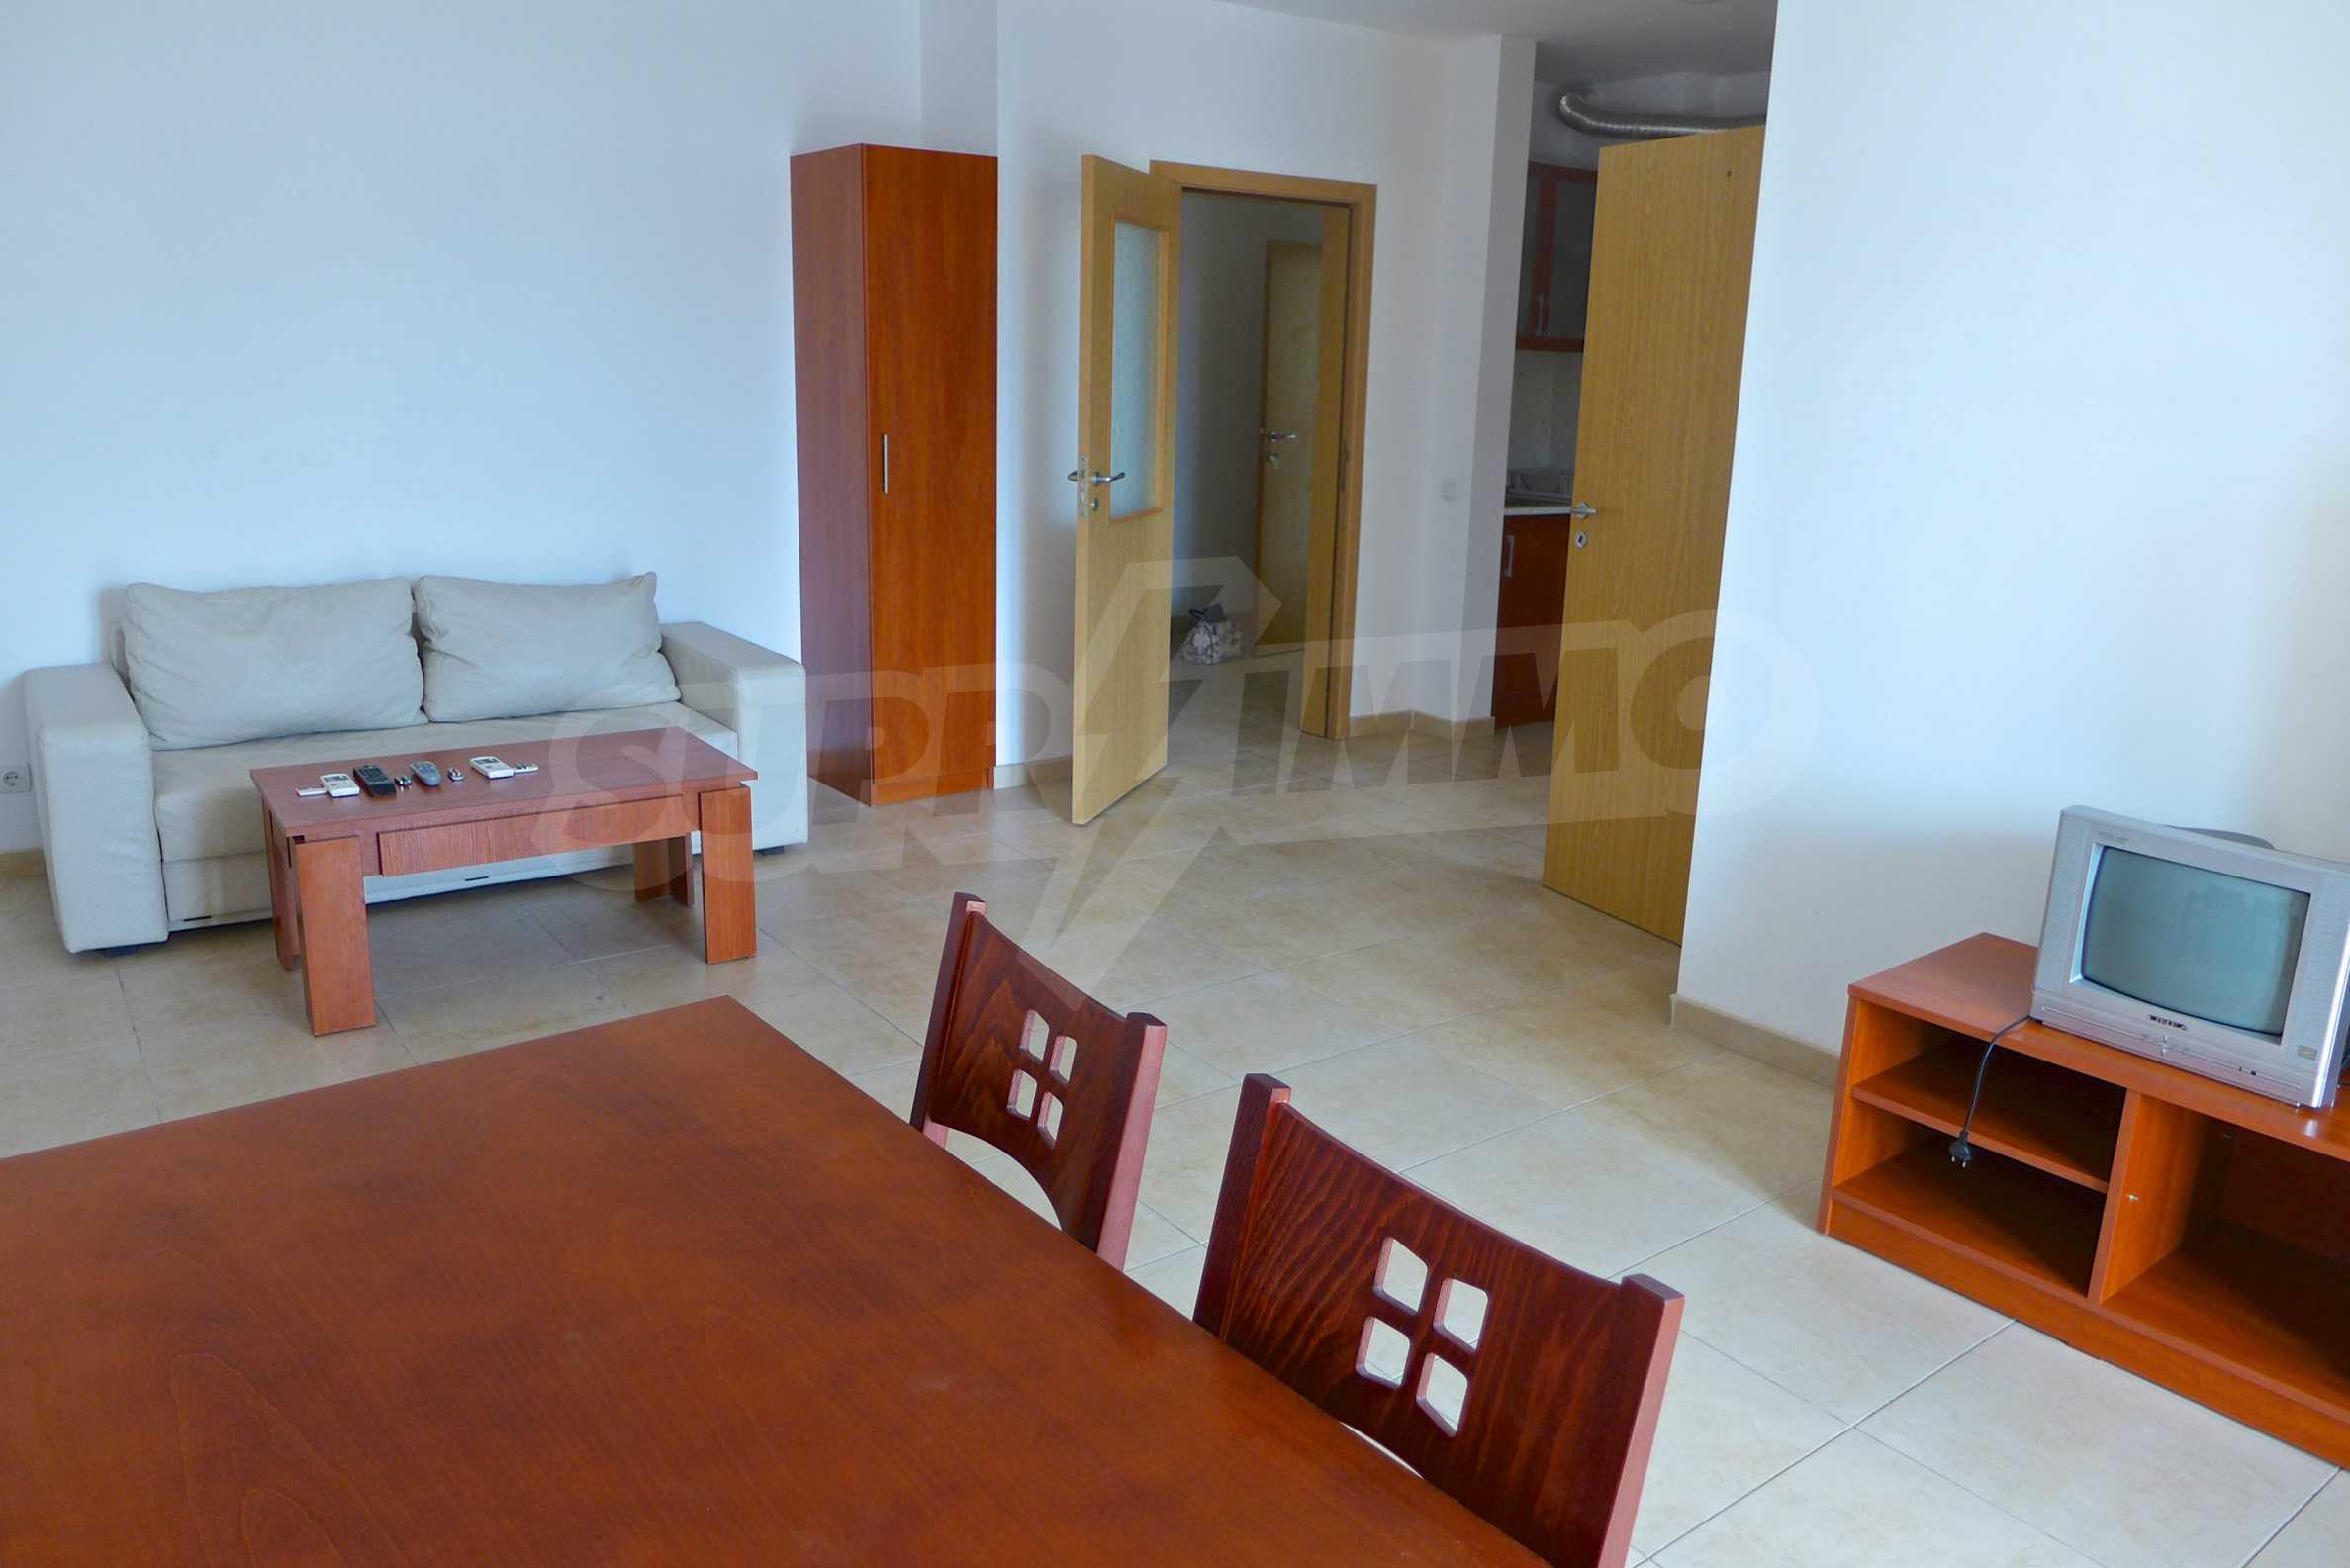 Geräumige Wohnung mit zwei Schlafzimmern in Ashton Hall